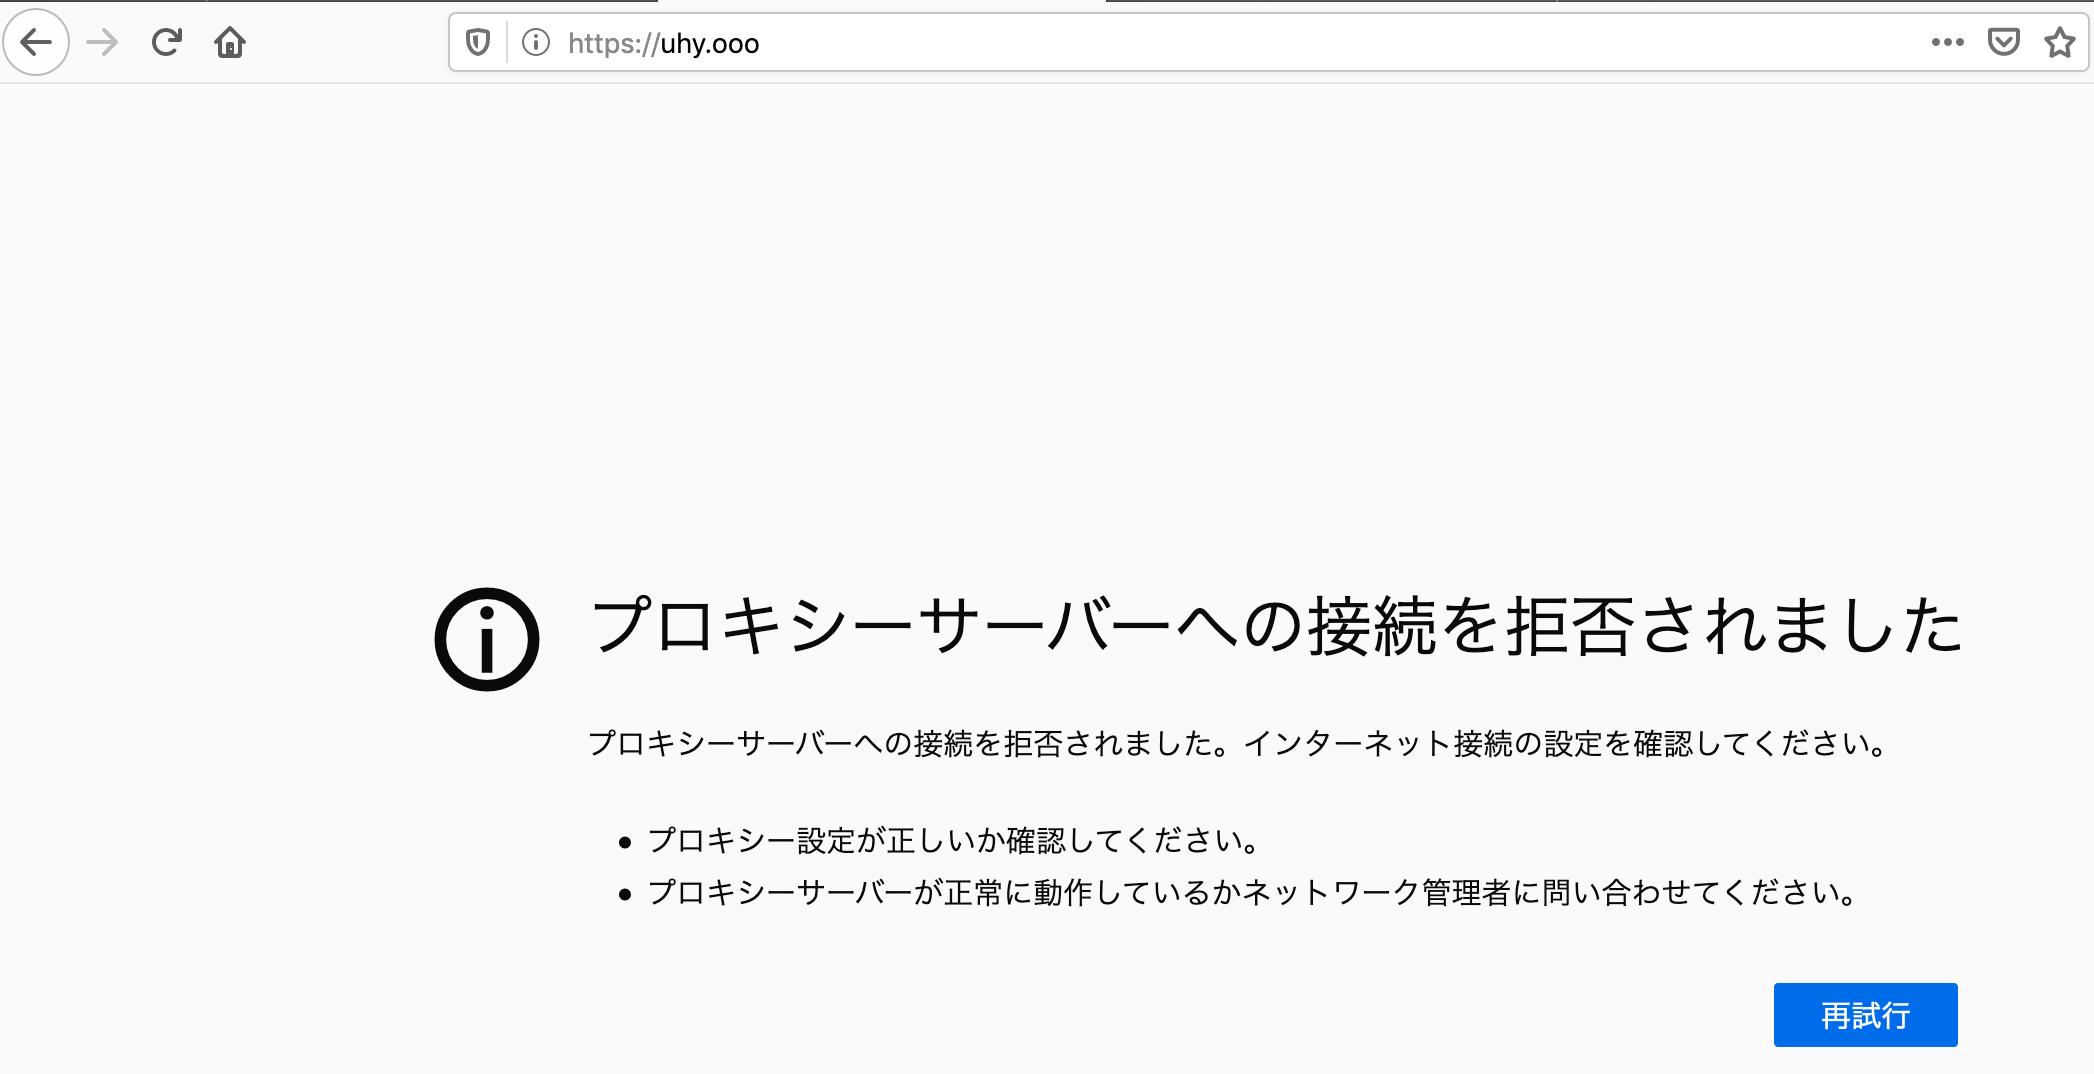 スクリーンショット 2020-05-02 1.24.15.png